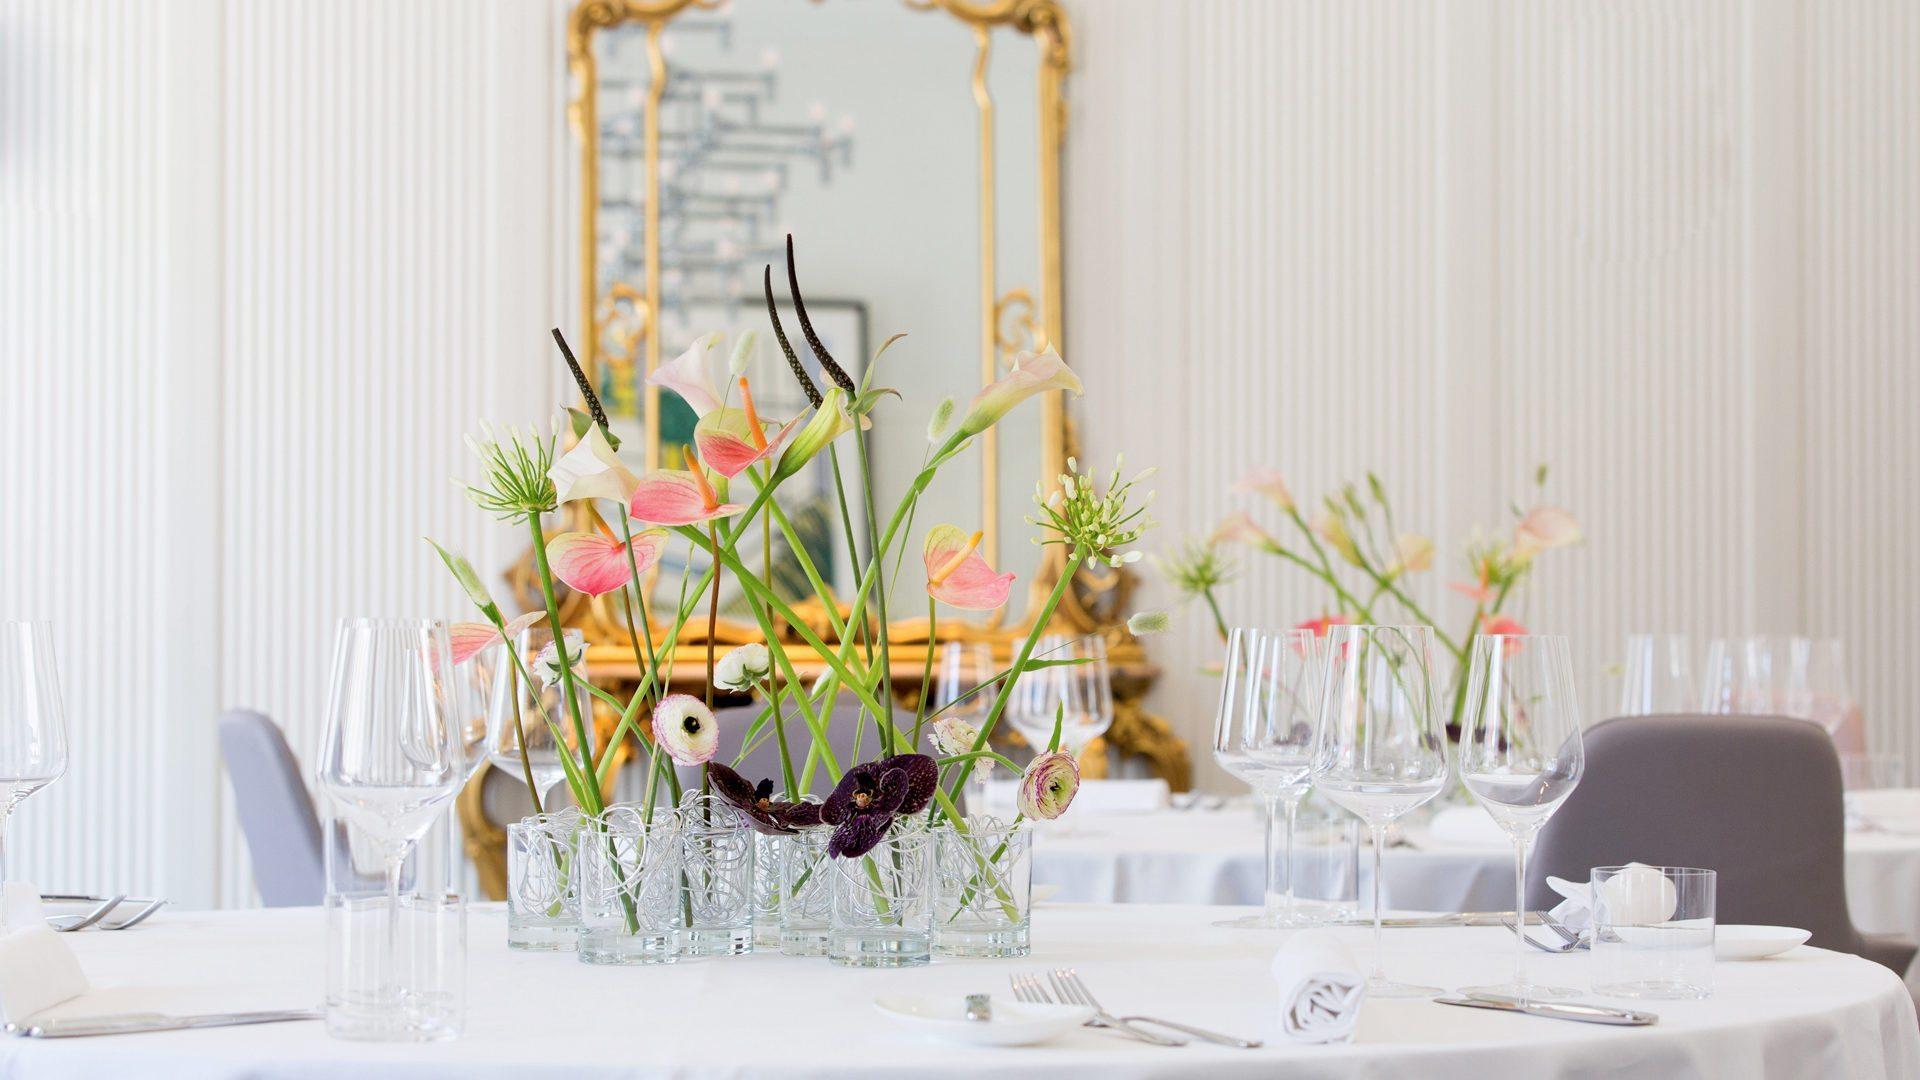 Le Salon - Celebrations at Hotel Sans Souci Vienna